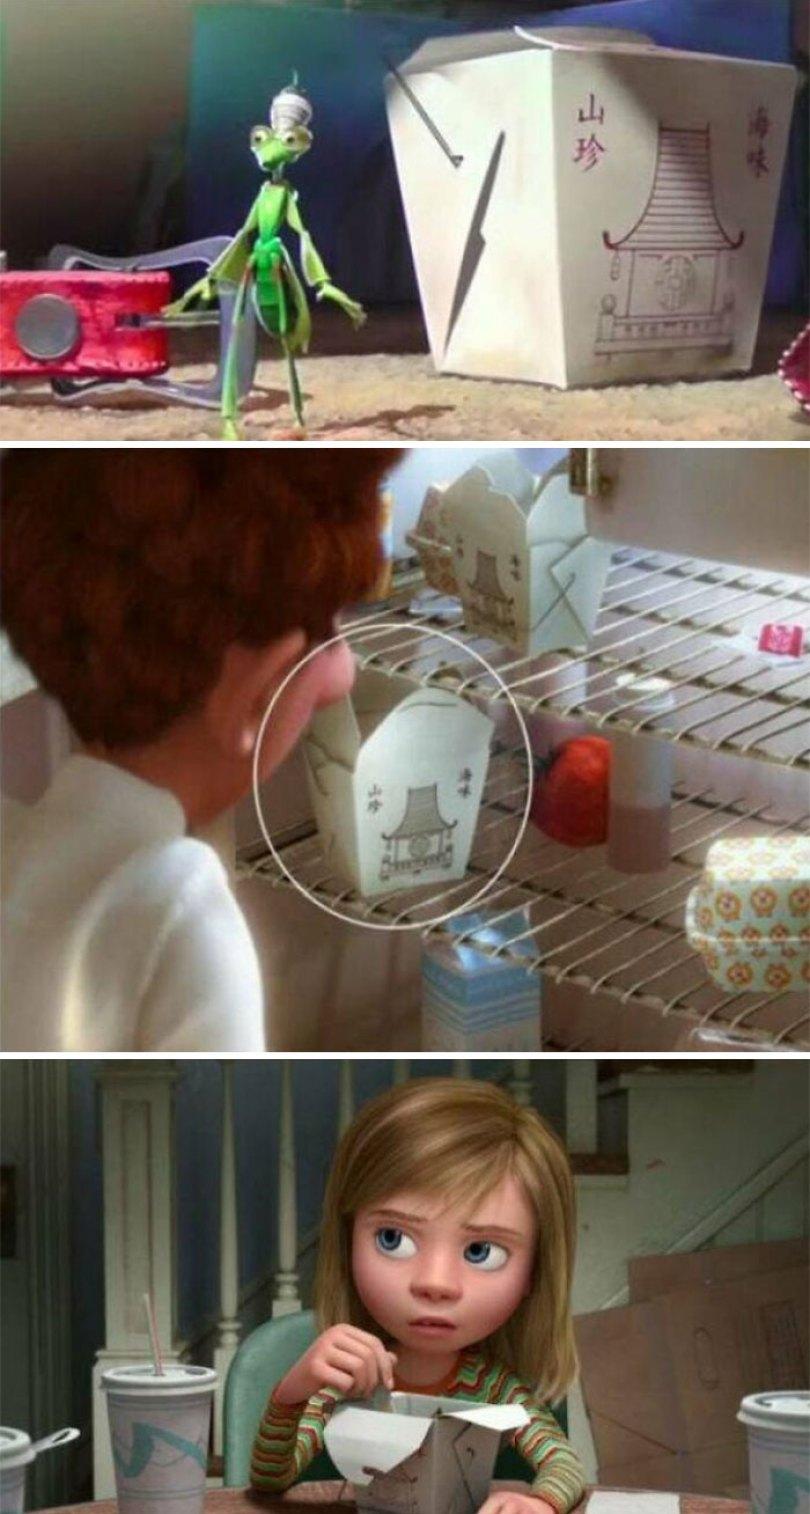 15 5fc64a73eaf41  700 - Os impecáveis detalhes da Pixar: Todos os ''easter eggs'' de Rattatouille